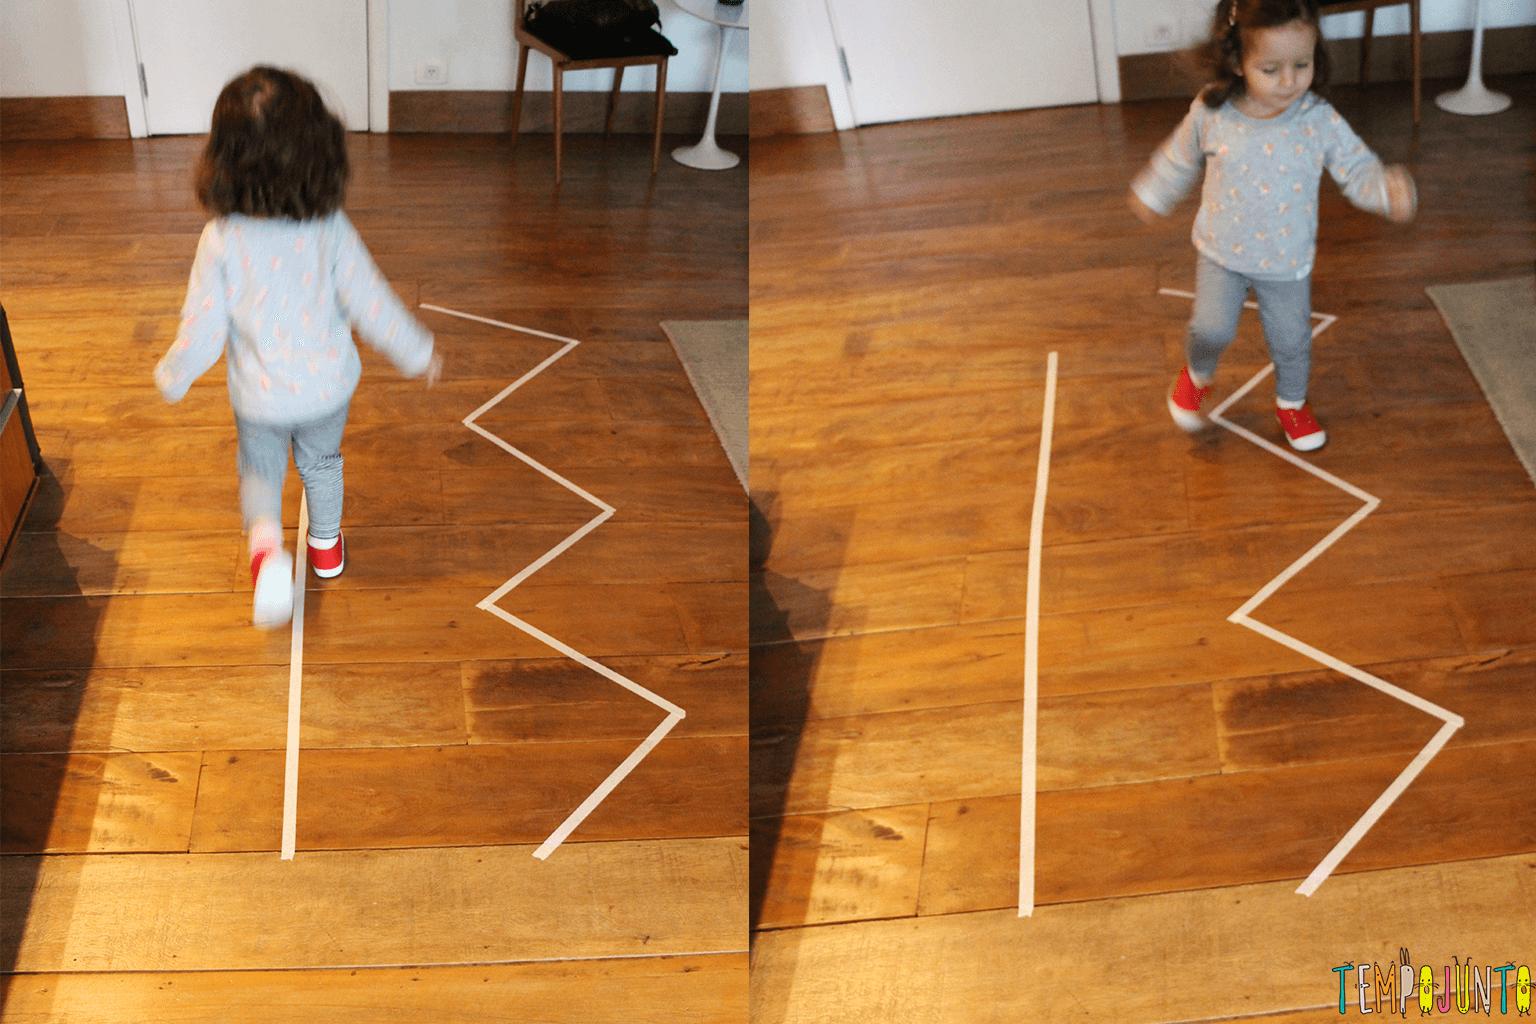 Marcações com fita crepe para coordenação na caminhada da criança.